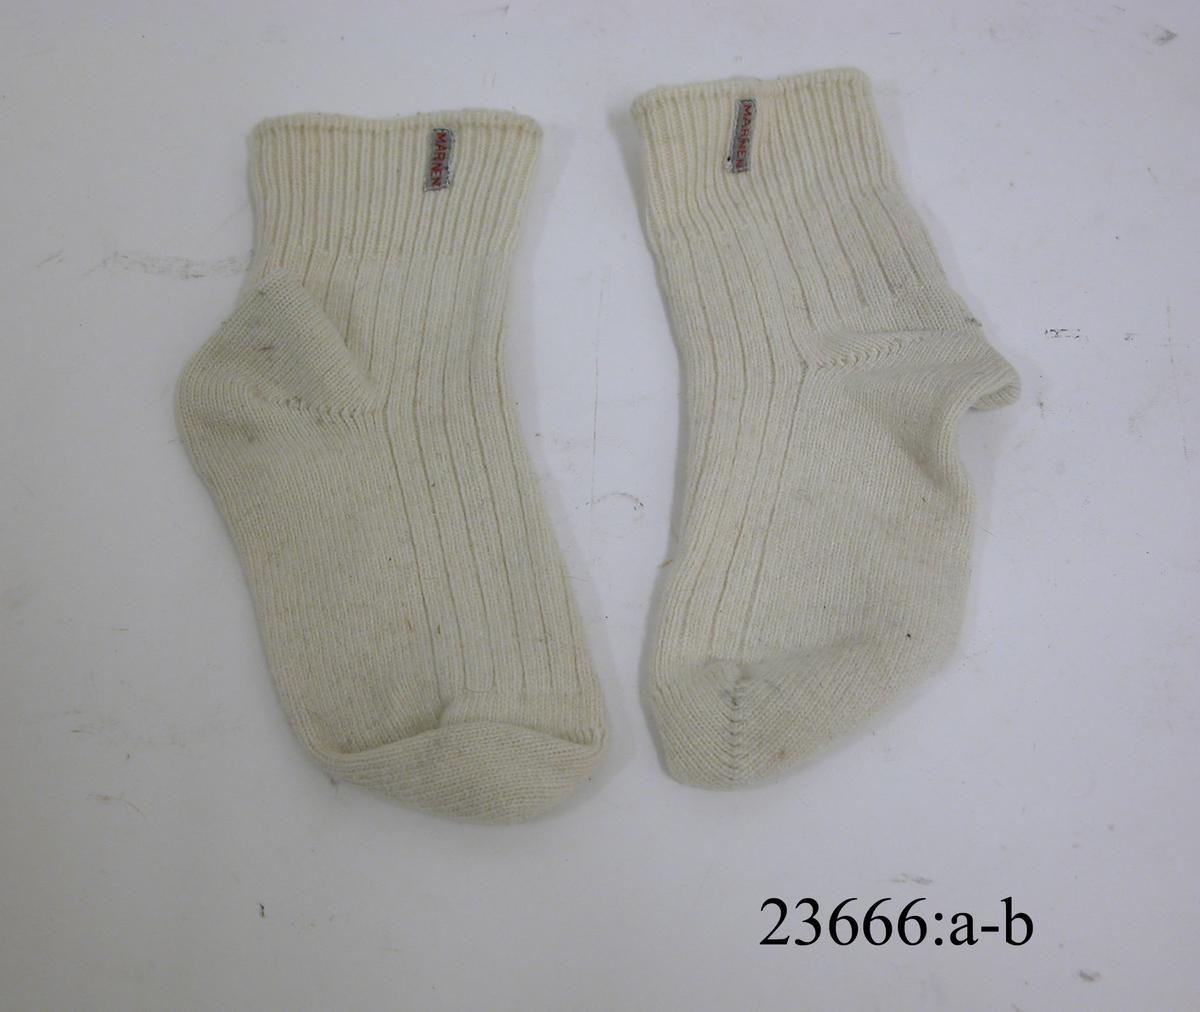 Benvita ribbstickade ankellånga strumpor. Stickning i skaft och fot, tre räta och en avig maska. Stickning i mudd en rät och en avig maska. På utsidan av muddarna en påsydd textillapp med text i rött: MARINEN.